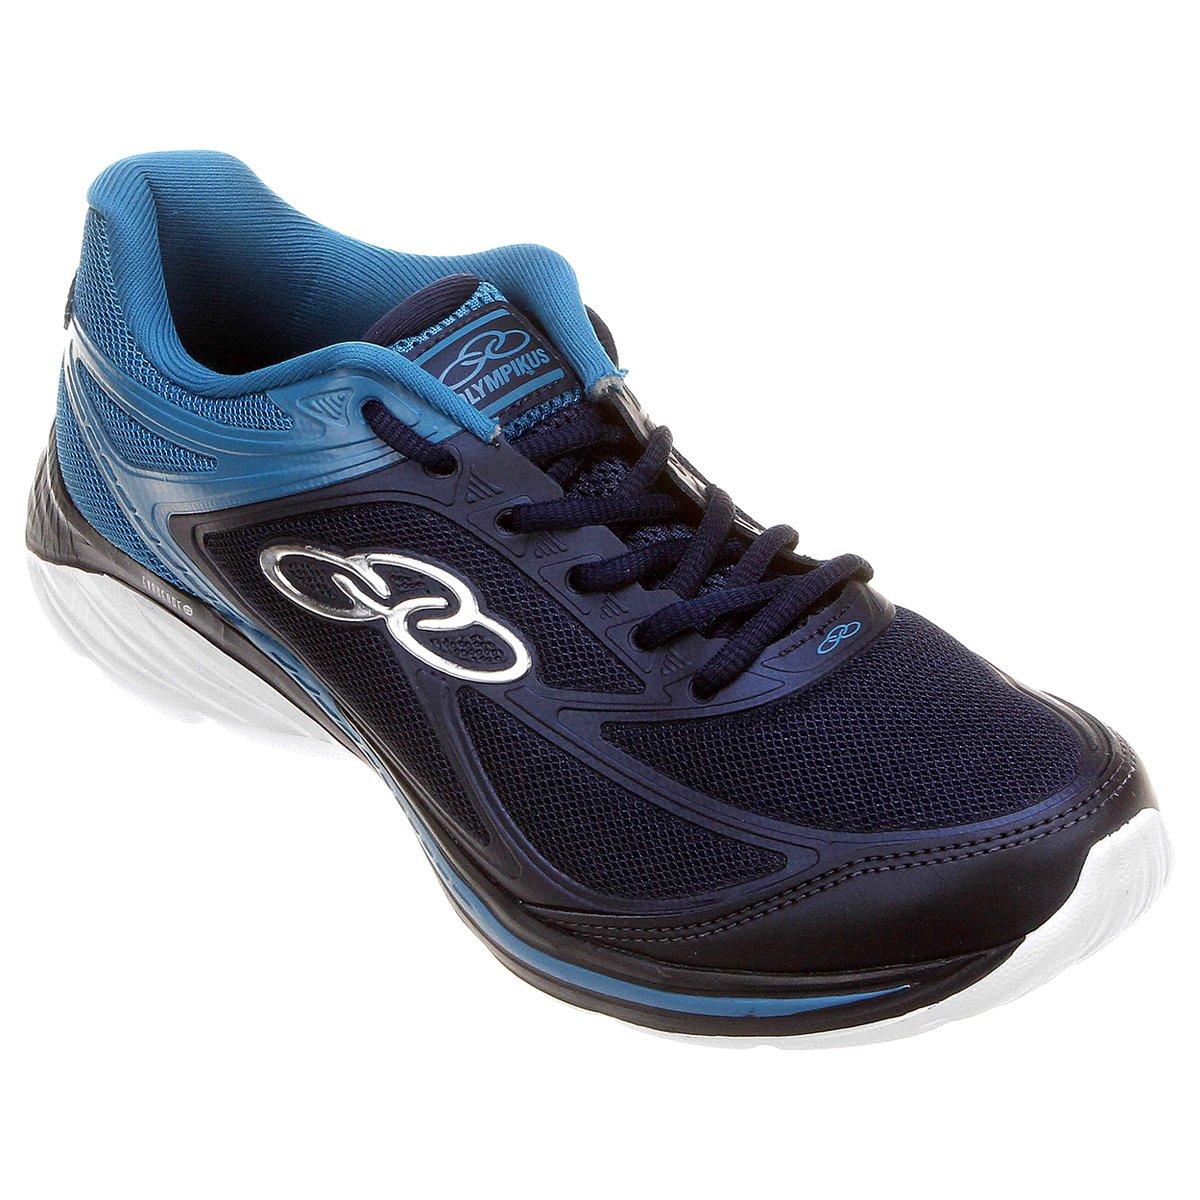 13e90b9a5c2 Tênis Olympikus Clip - Compre Agora